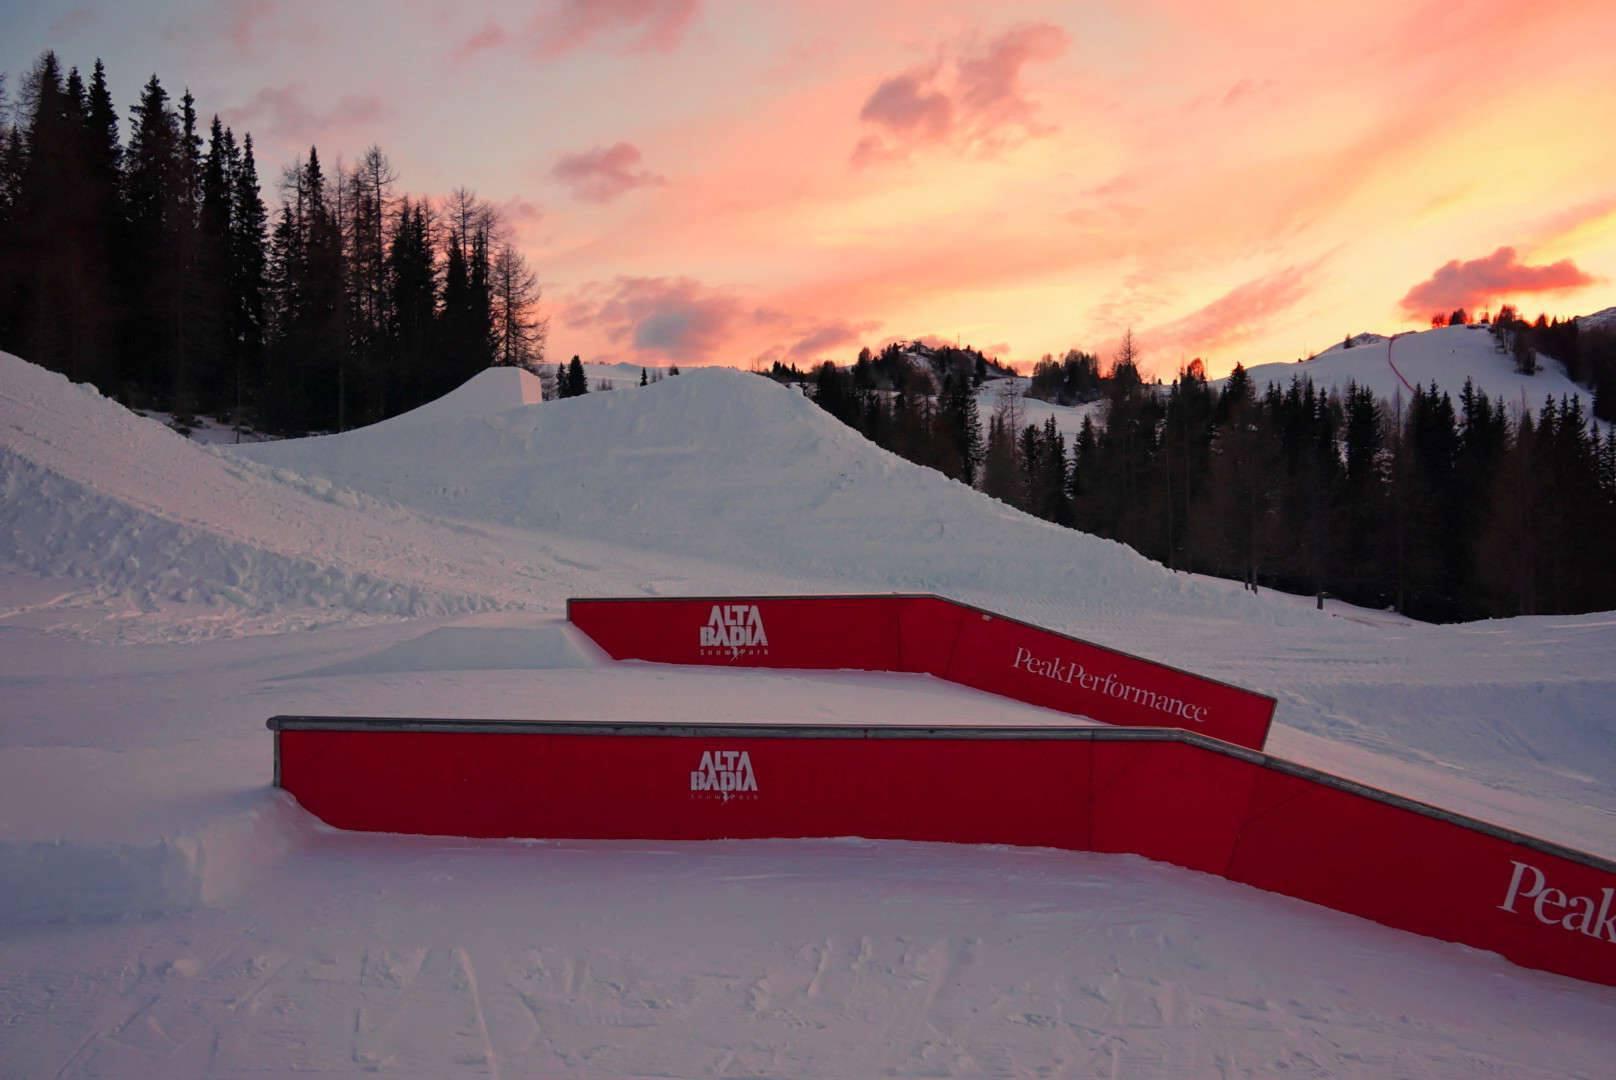 Arrivederci, Winter – die Saison 2016/17 im Snowpark Alta Badia ist vorüber